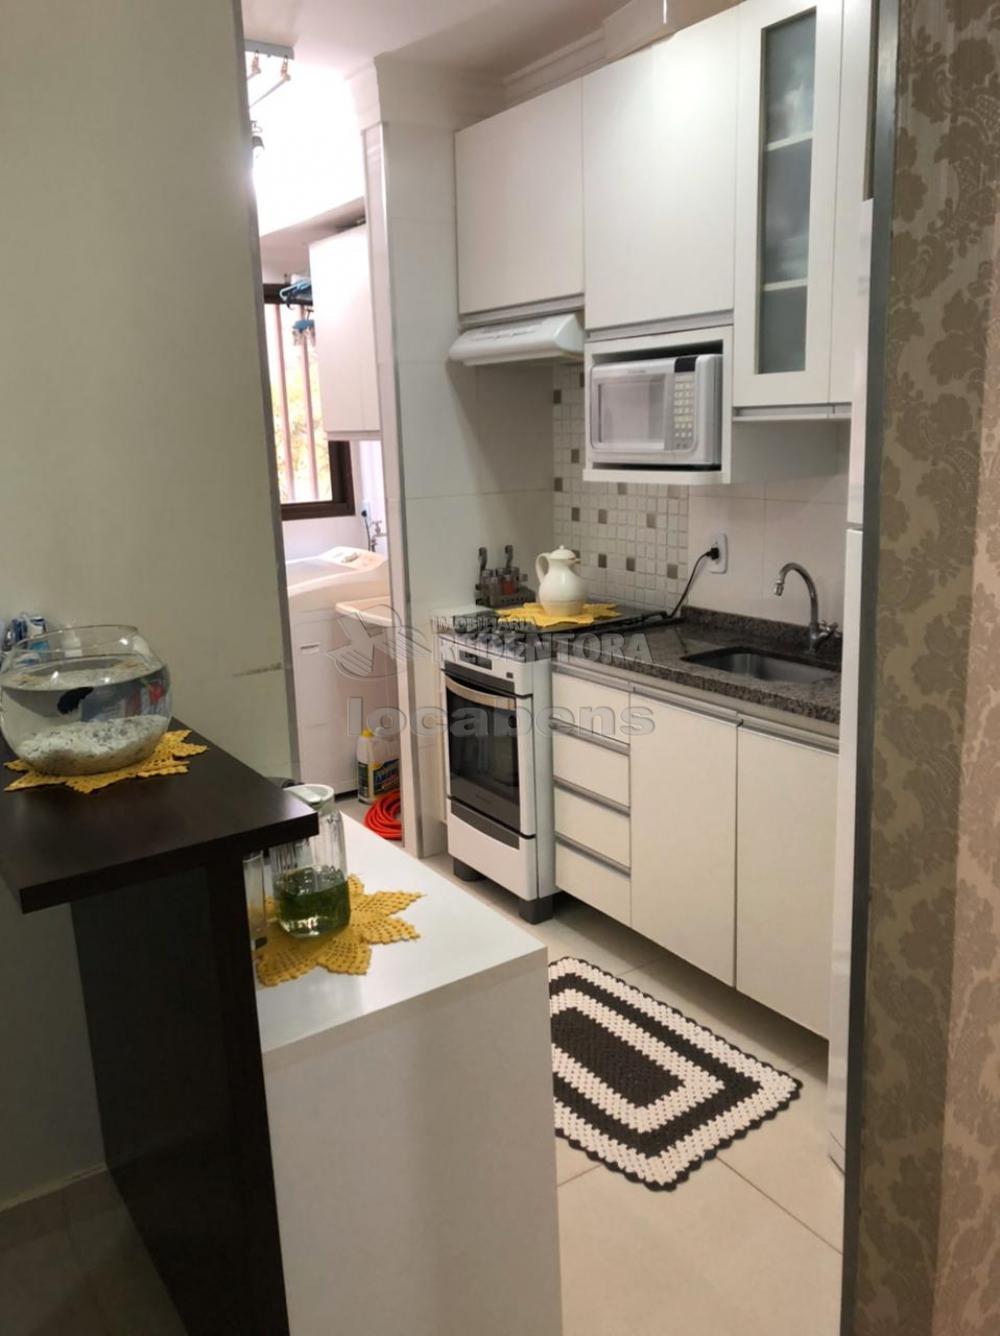 Comprar Apartamento / Padrão em São José do Rio Preto apenas R$ 270.000,00 - Foto 10